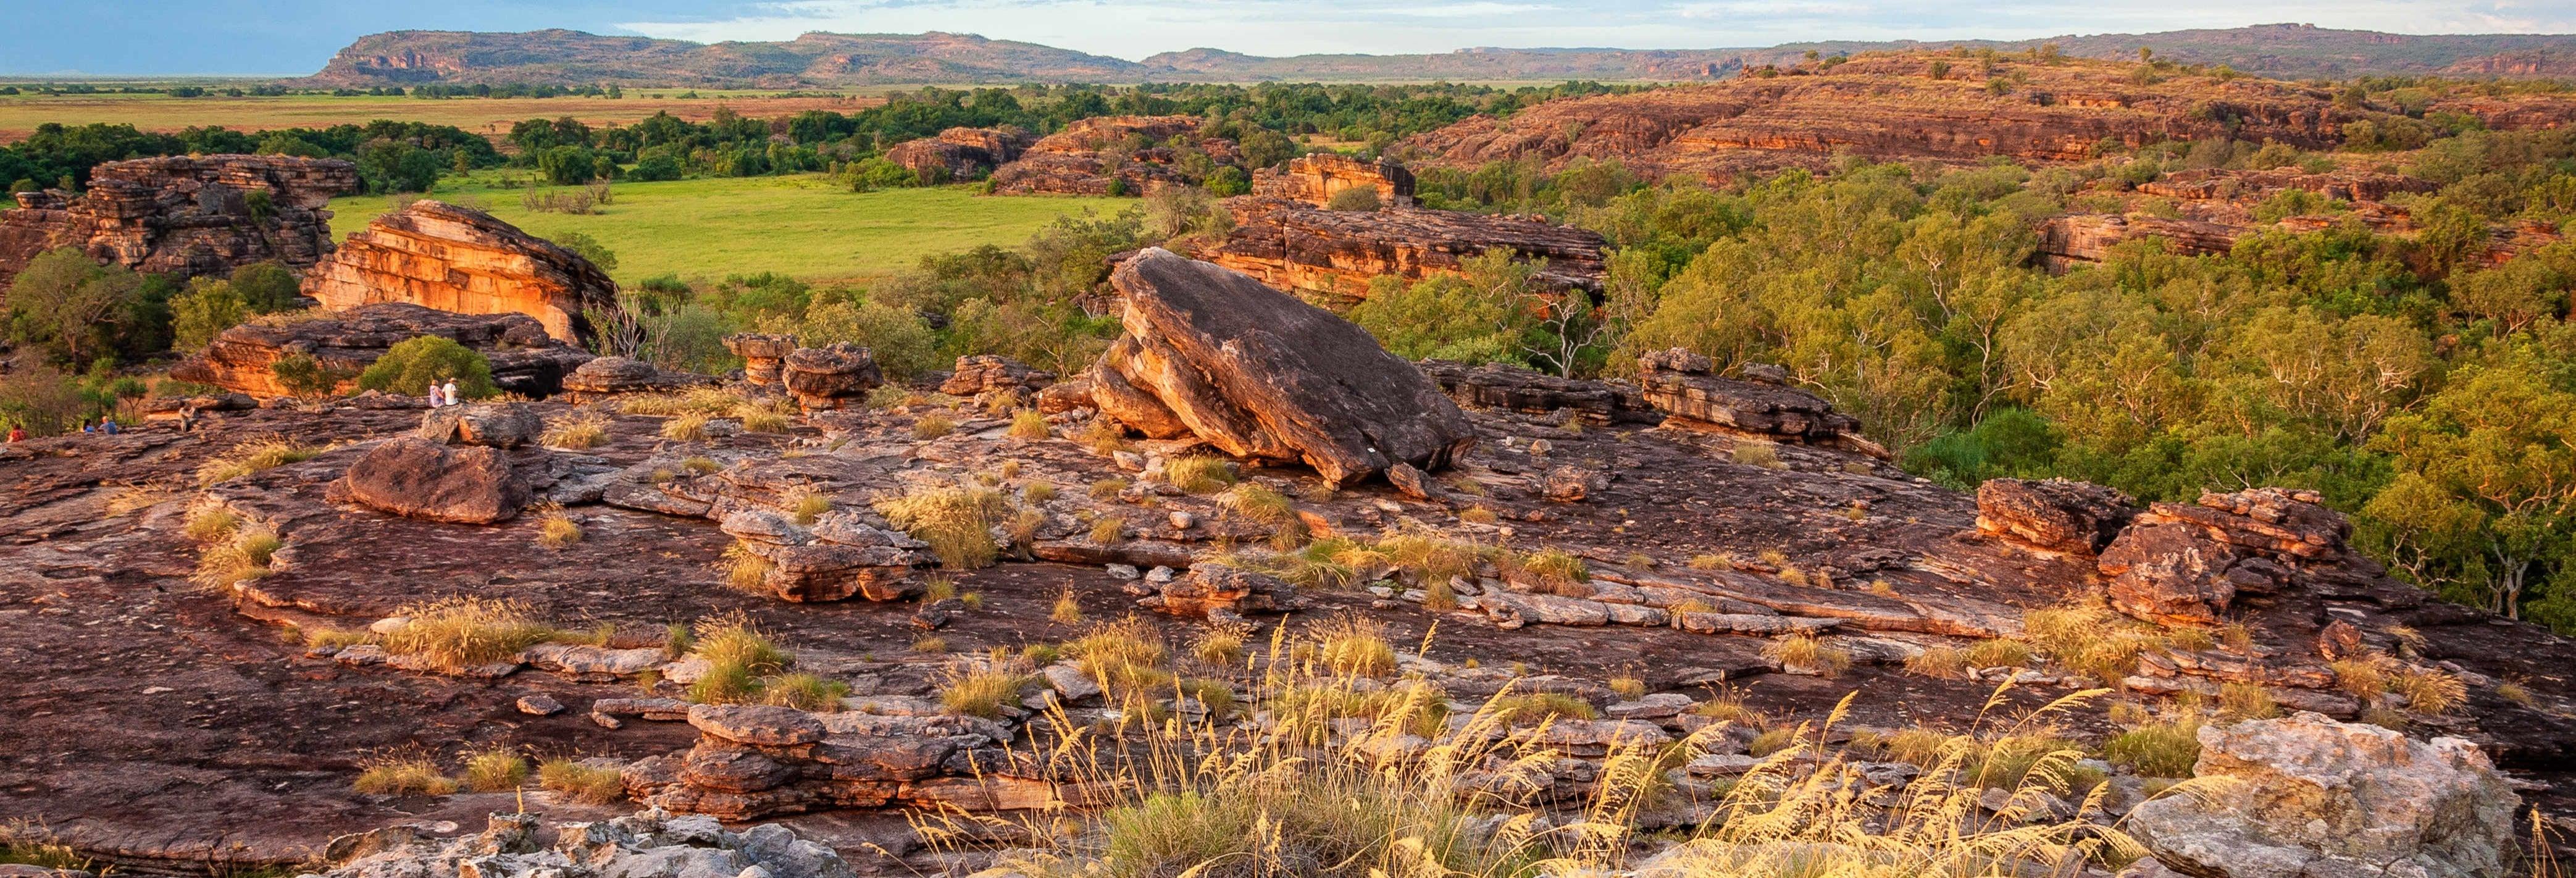 Excursión al Parque Nacional Kakadu